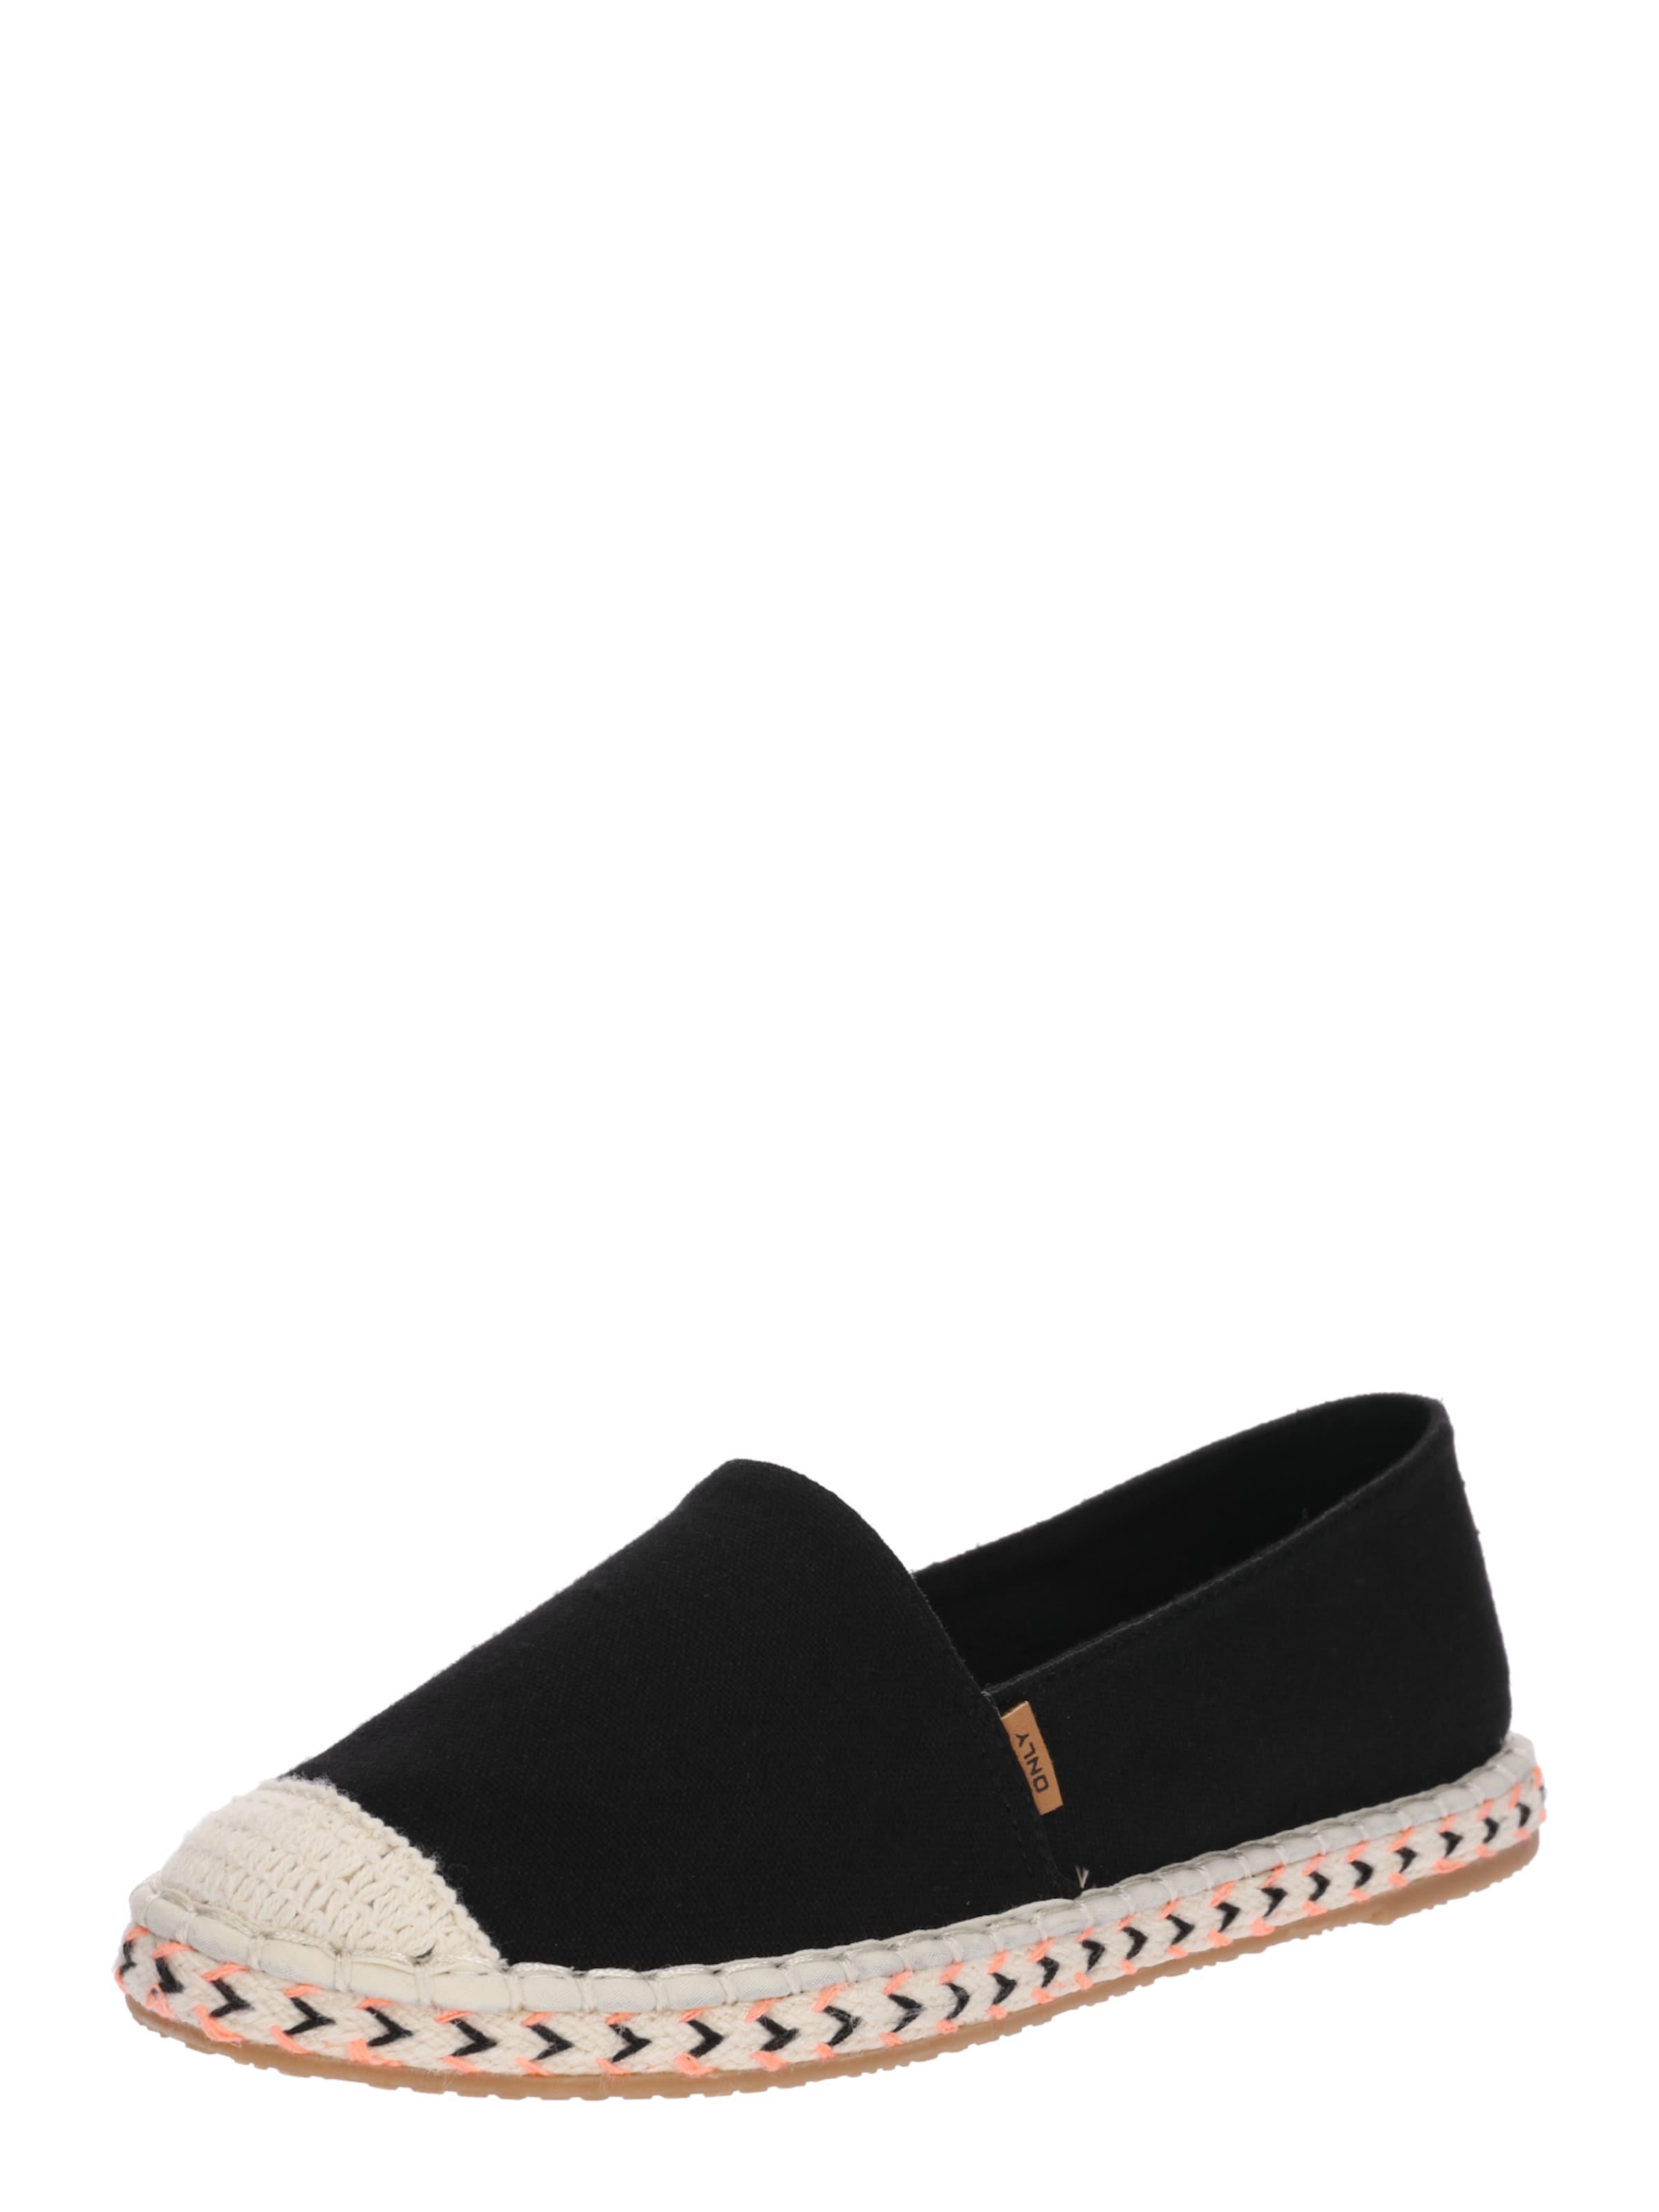 ONLY | Espadrille mit getragene bestickter Sohle Schuhe Gut getragene mit Schuhe ac3d4c